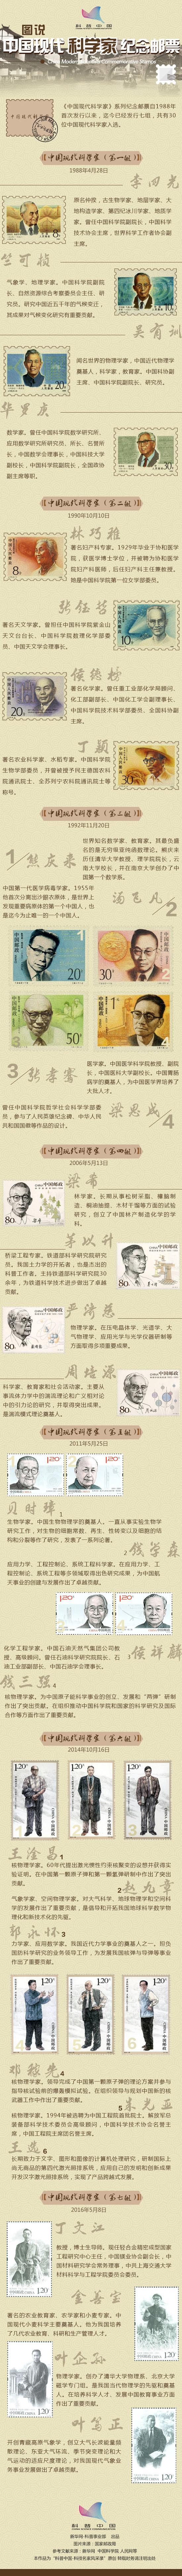 详解中国现代科学家纪念邮票